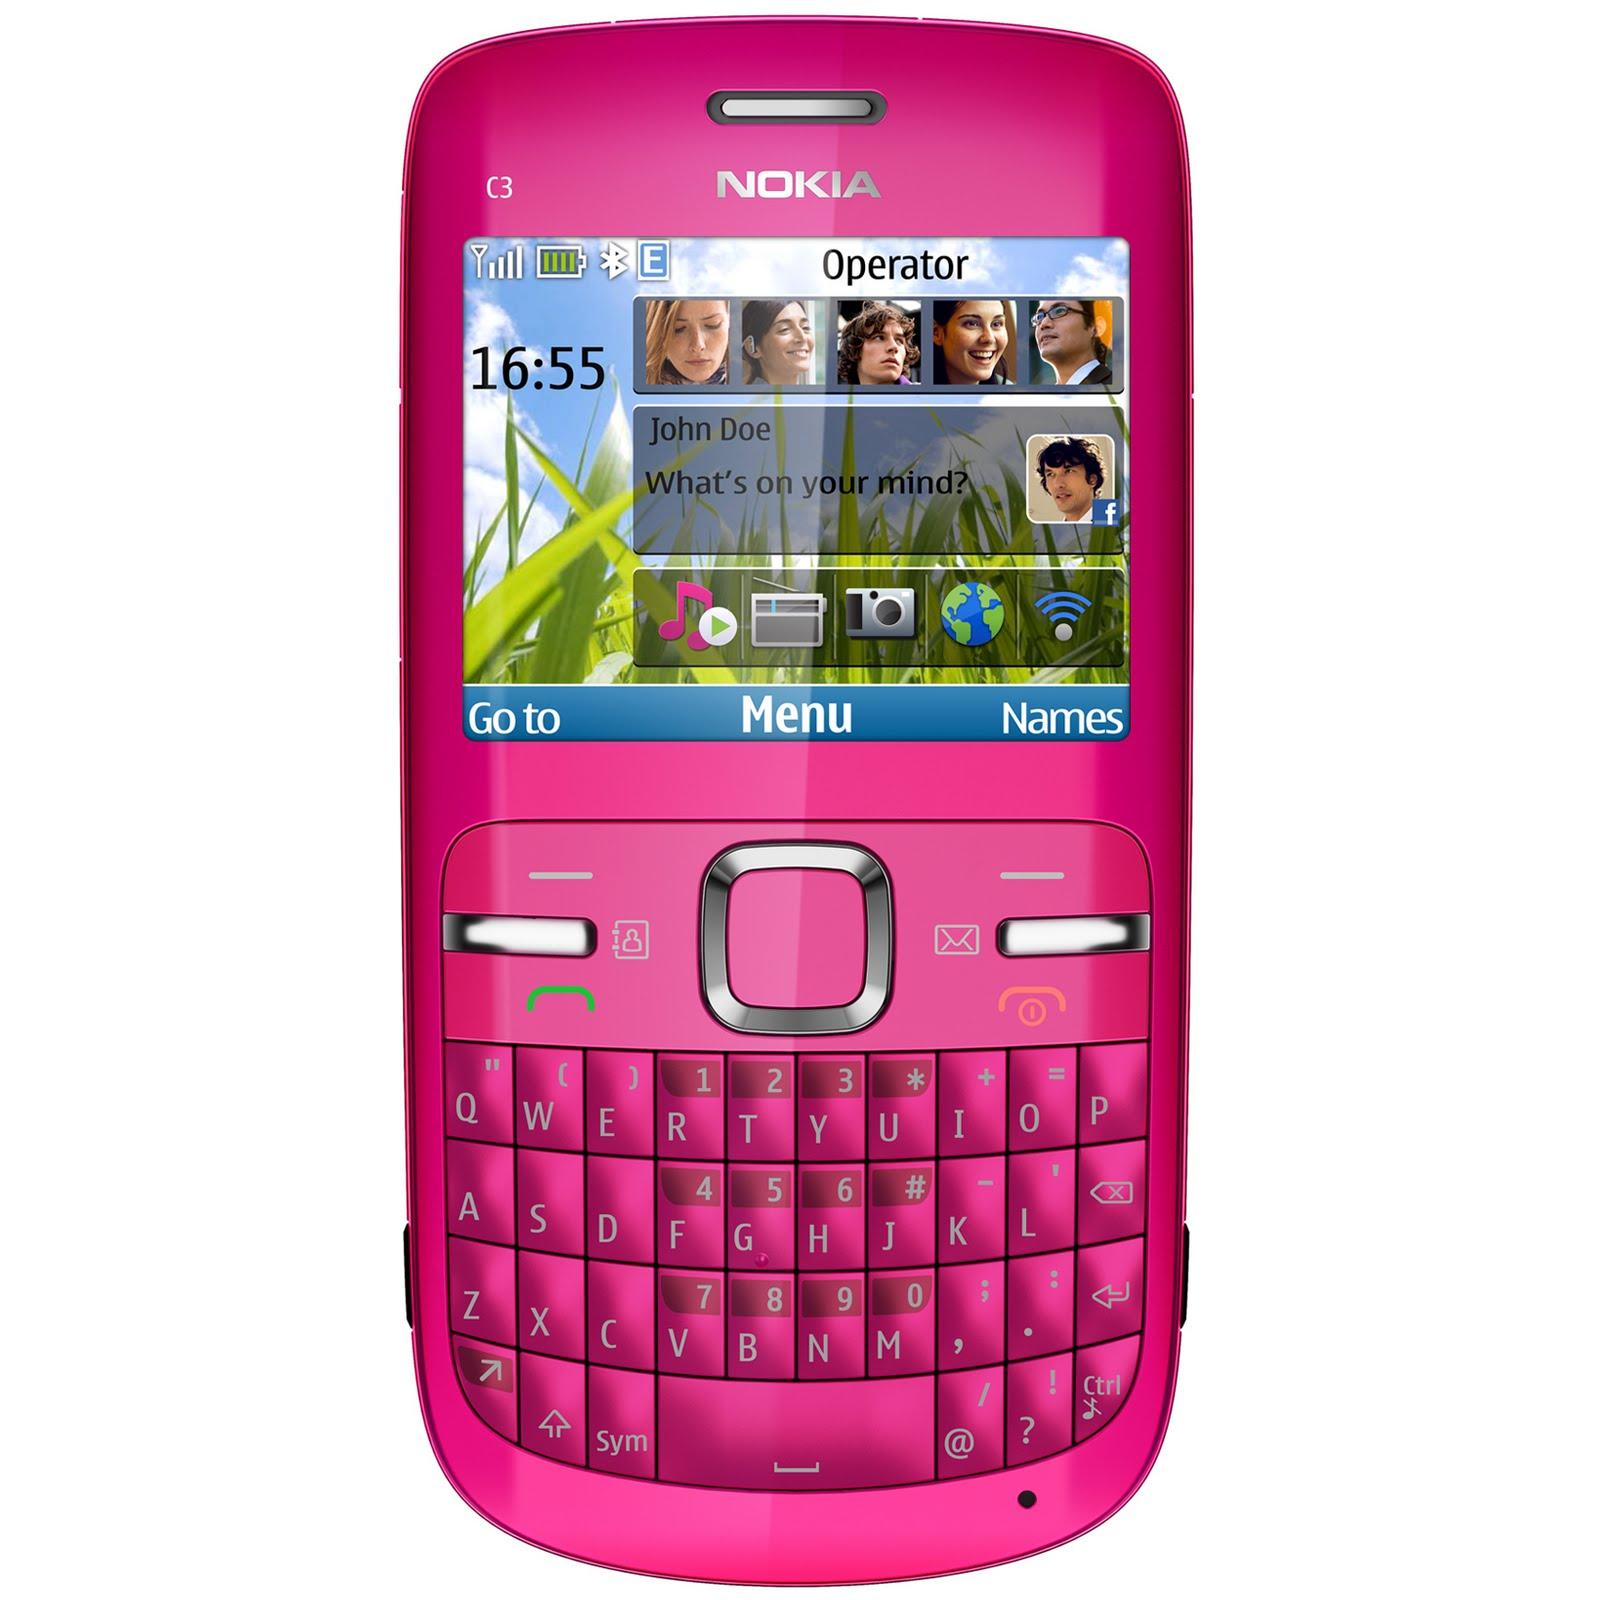 Smartphone Ofertas de Smartphones Americanas  - imagens celular smartphone